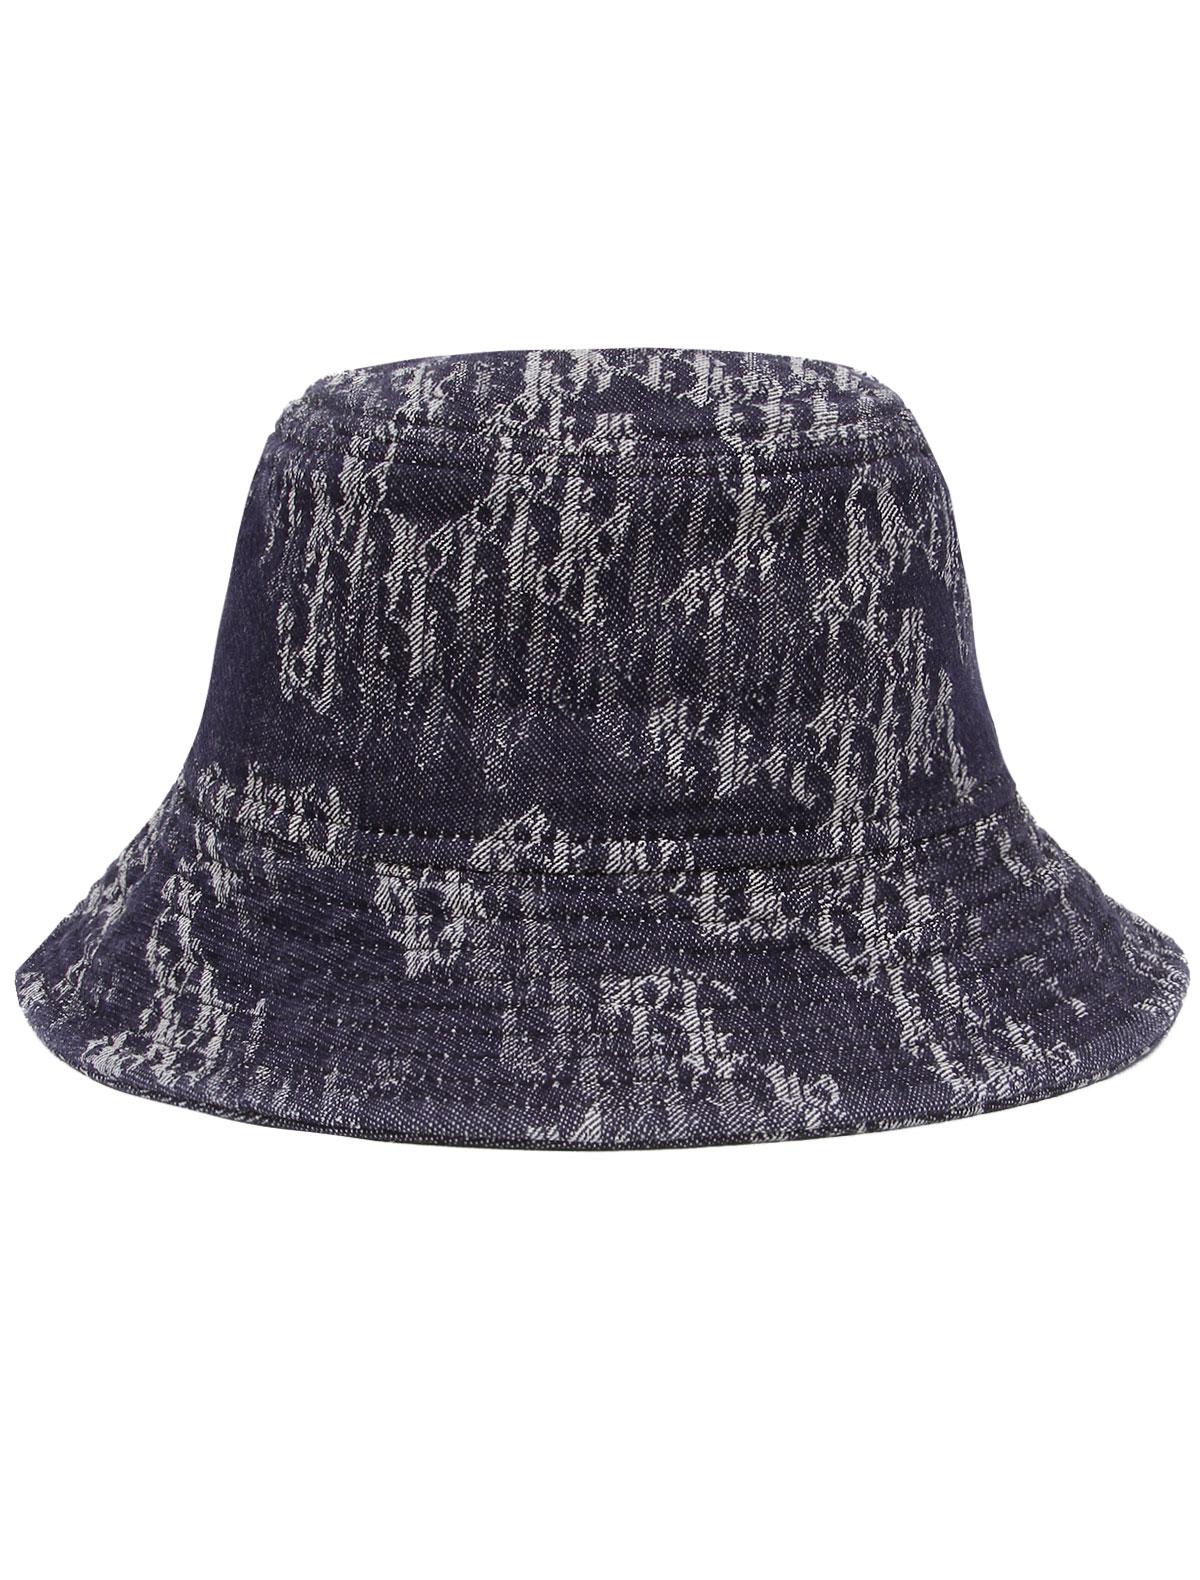 Купить 2305237, Шляпа Dior, синий, Мужской, 1174519170093